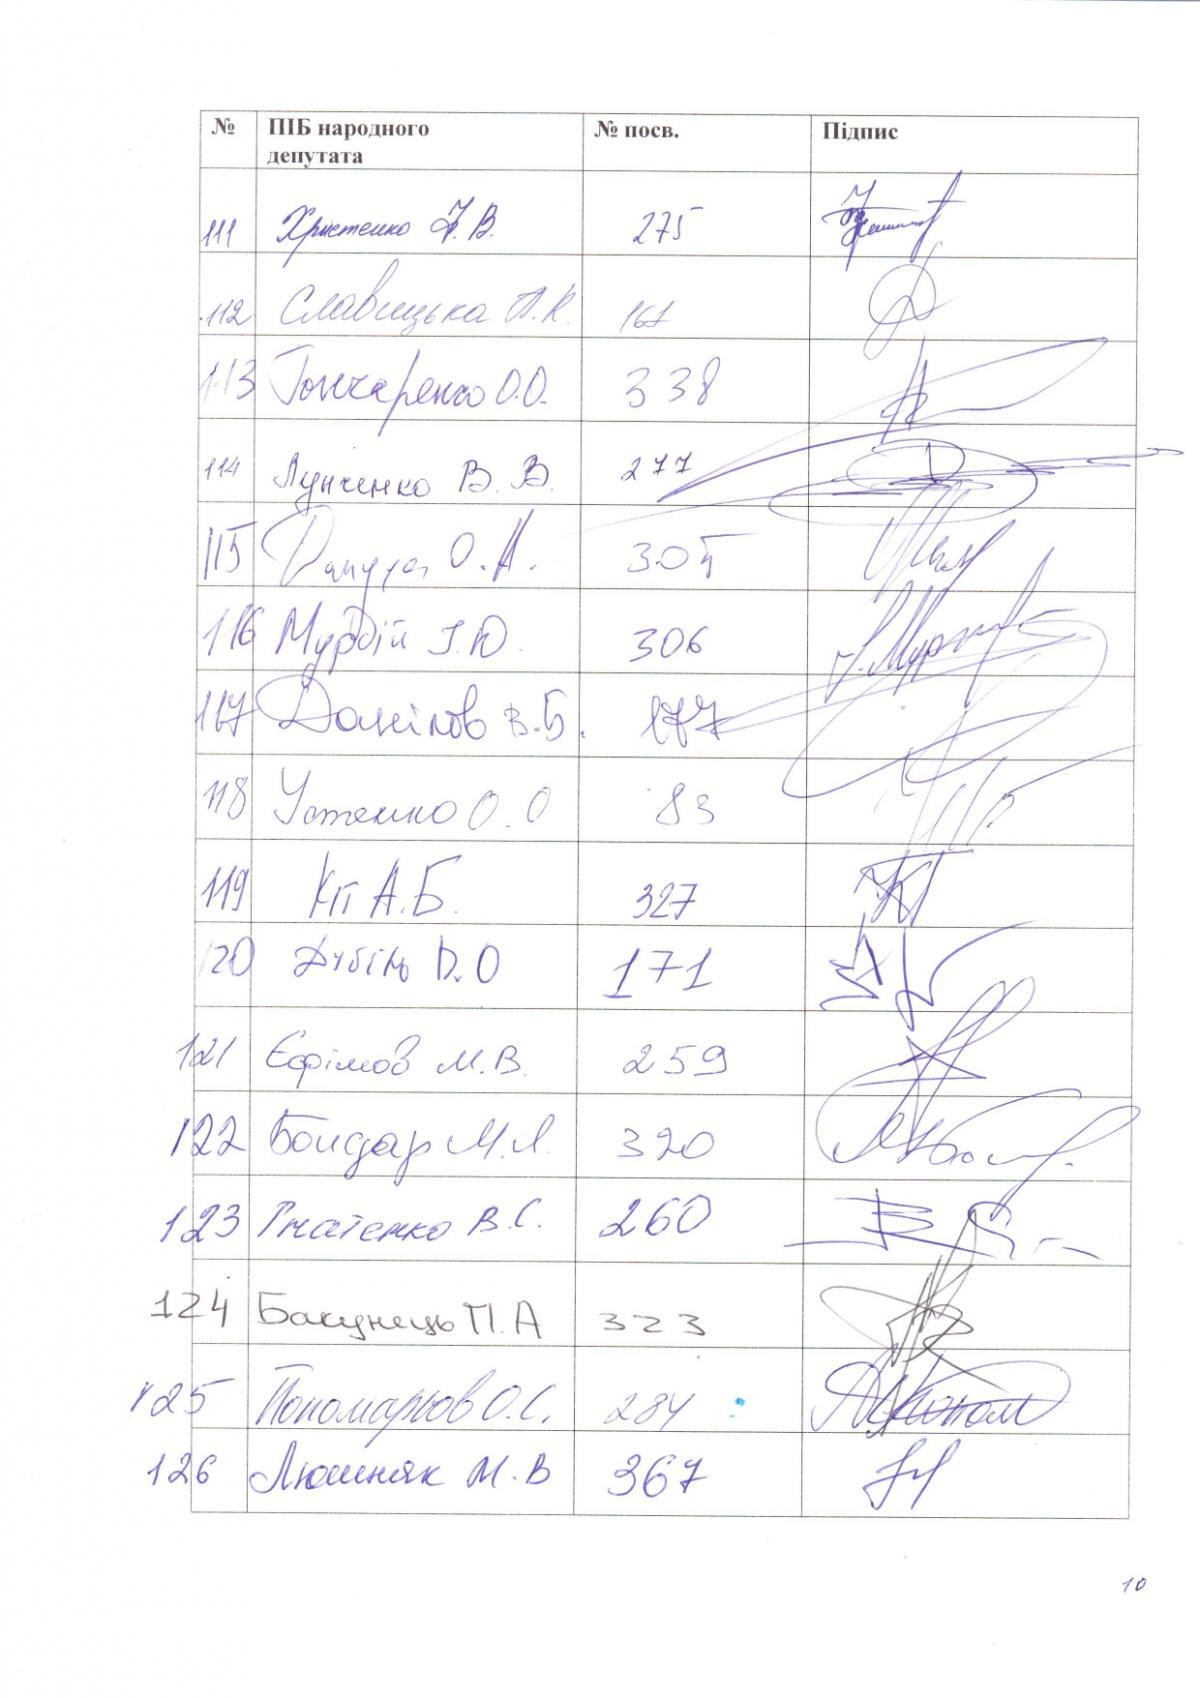 Более 150 депутатов обратились к генпрокурору относительно преследования НАБУ владельца агрохолдинга